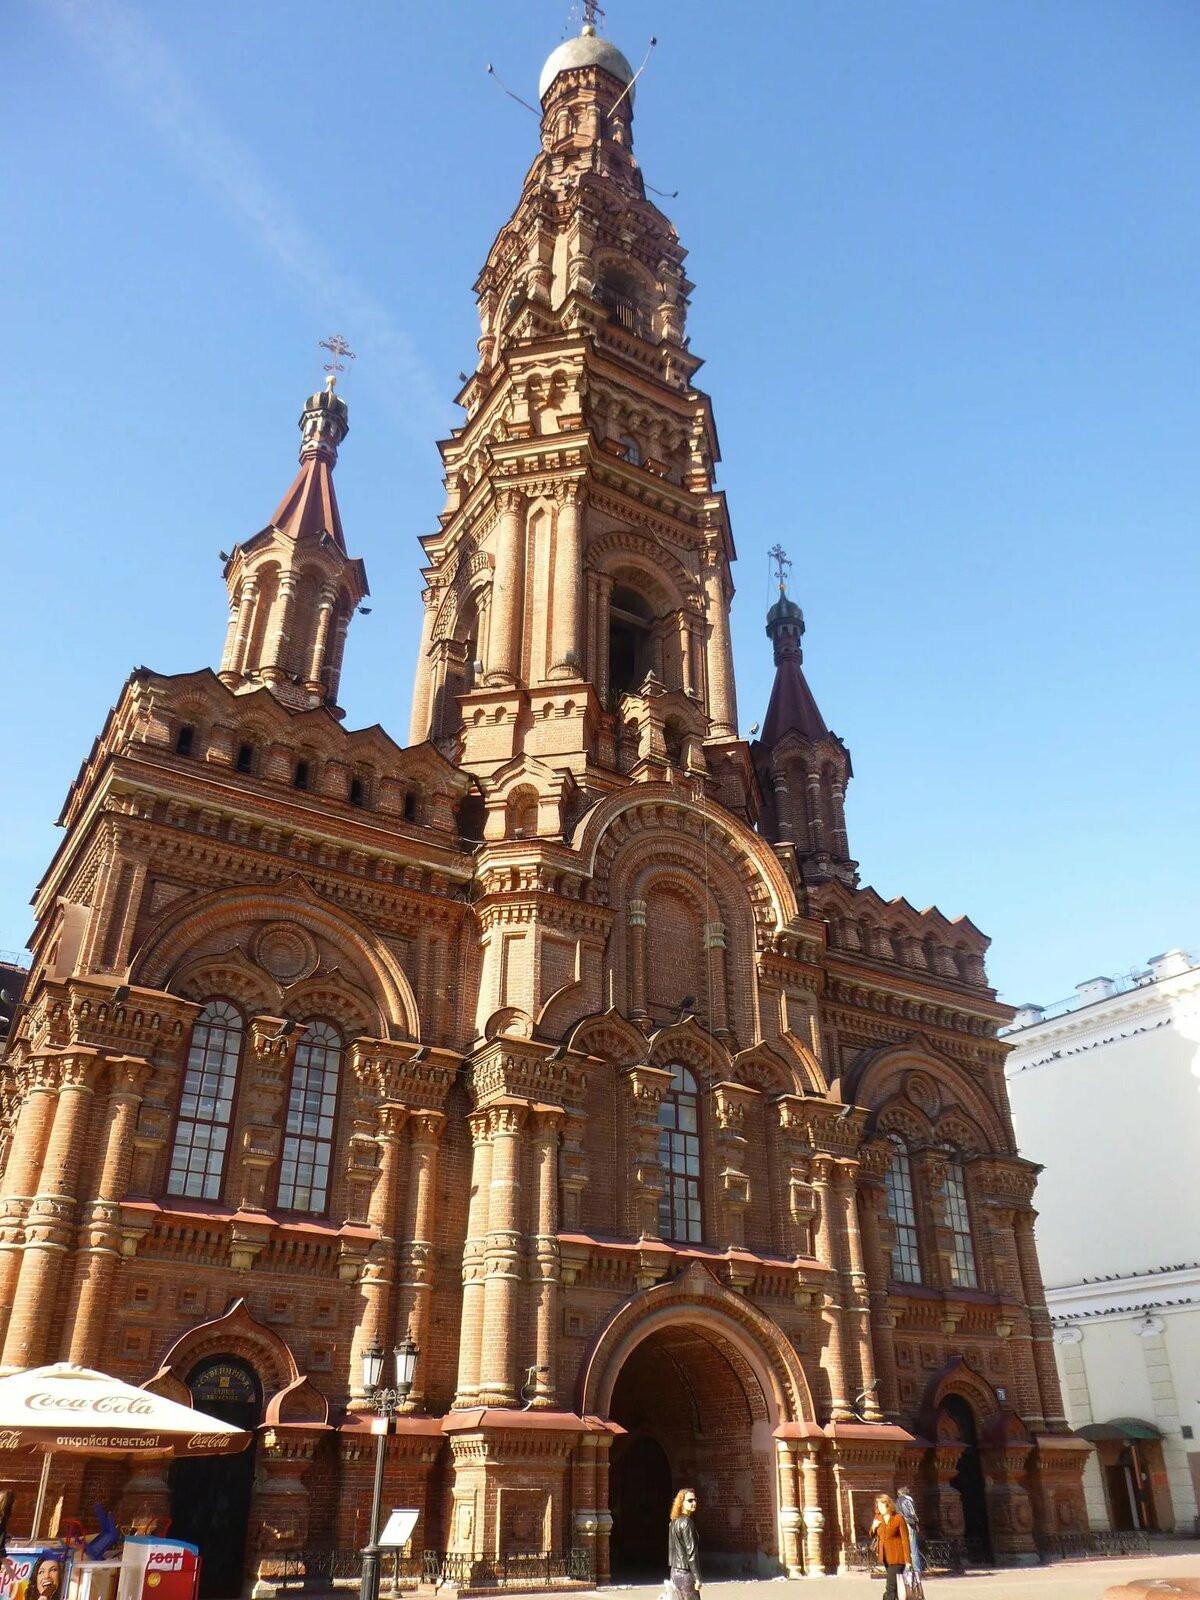 Фото: Колокольня Богоявленского собора